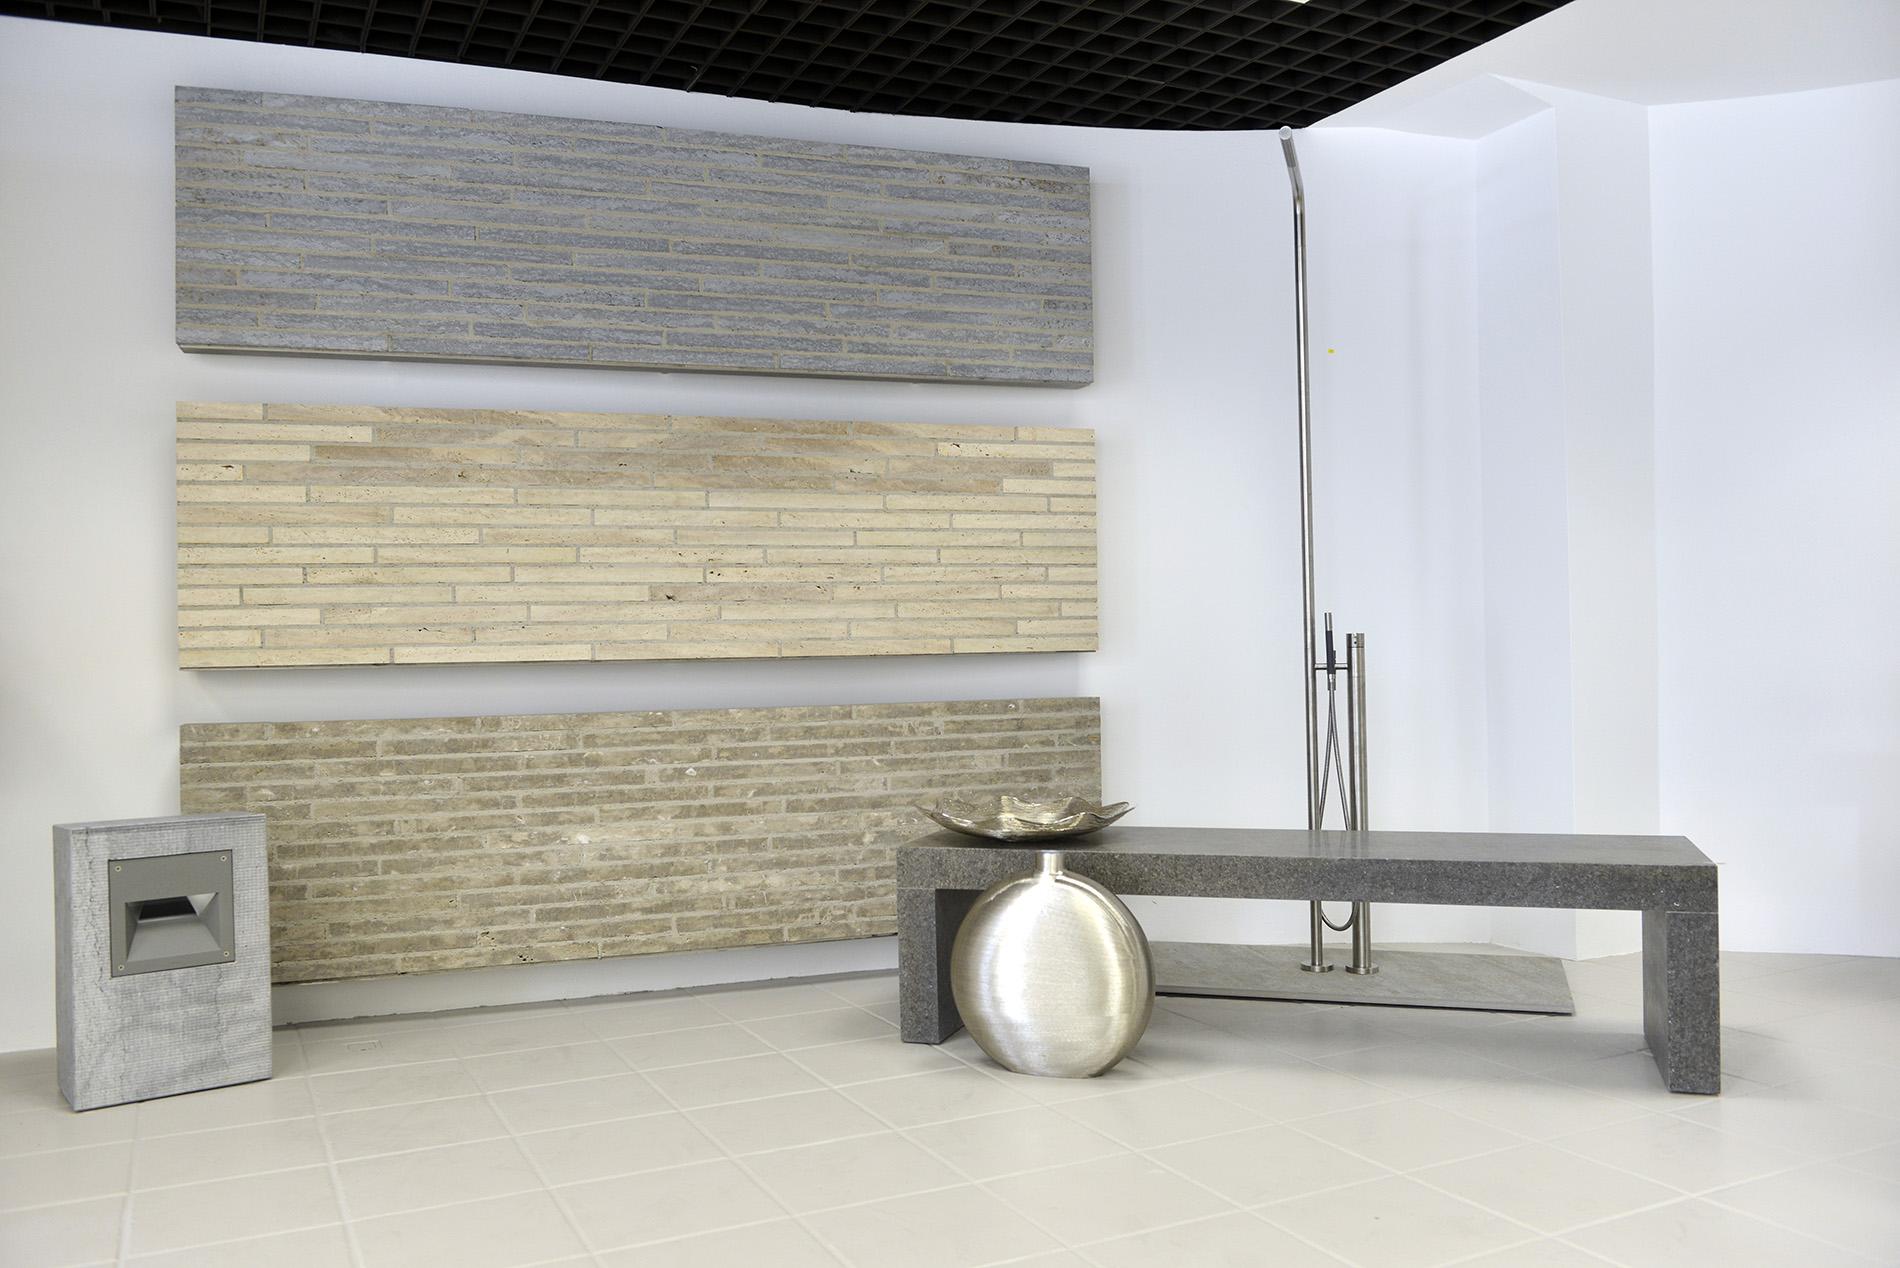 TRACO Cube Riegel® aus Kohlplatter Muschkalk edelgrau, Limes Dolomit® und Bauhaus Travertin